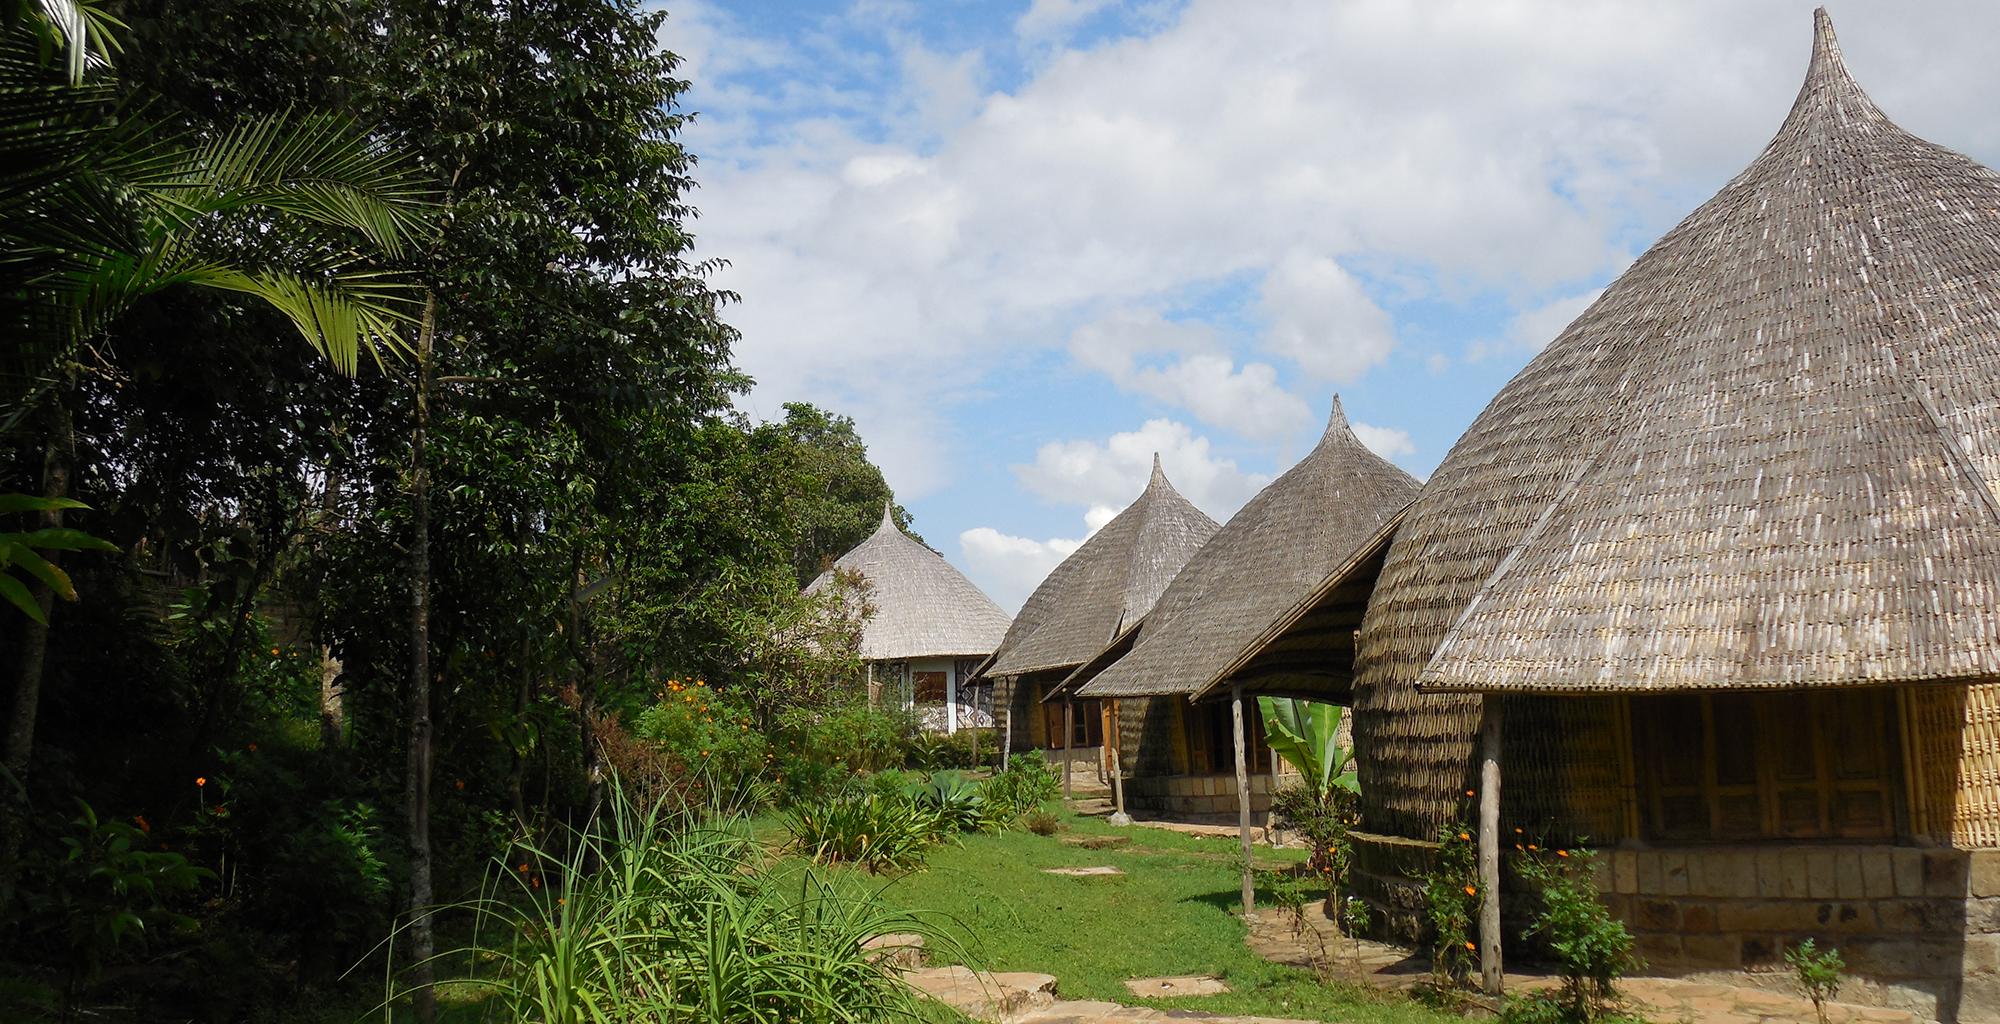 Ethiopia-Aregash-Lodge-Exterior